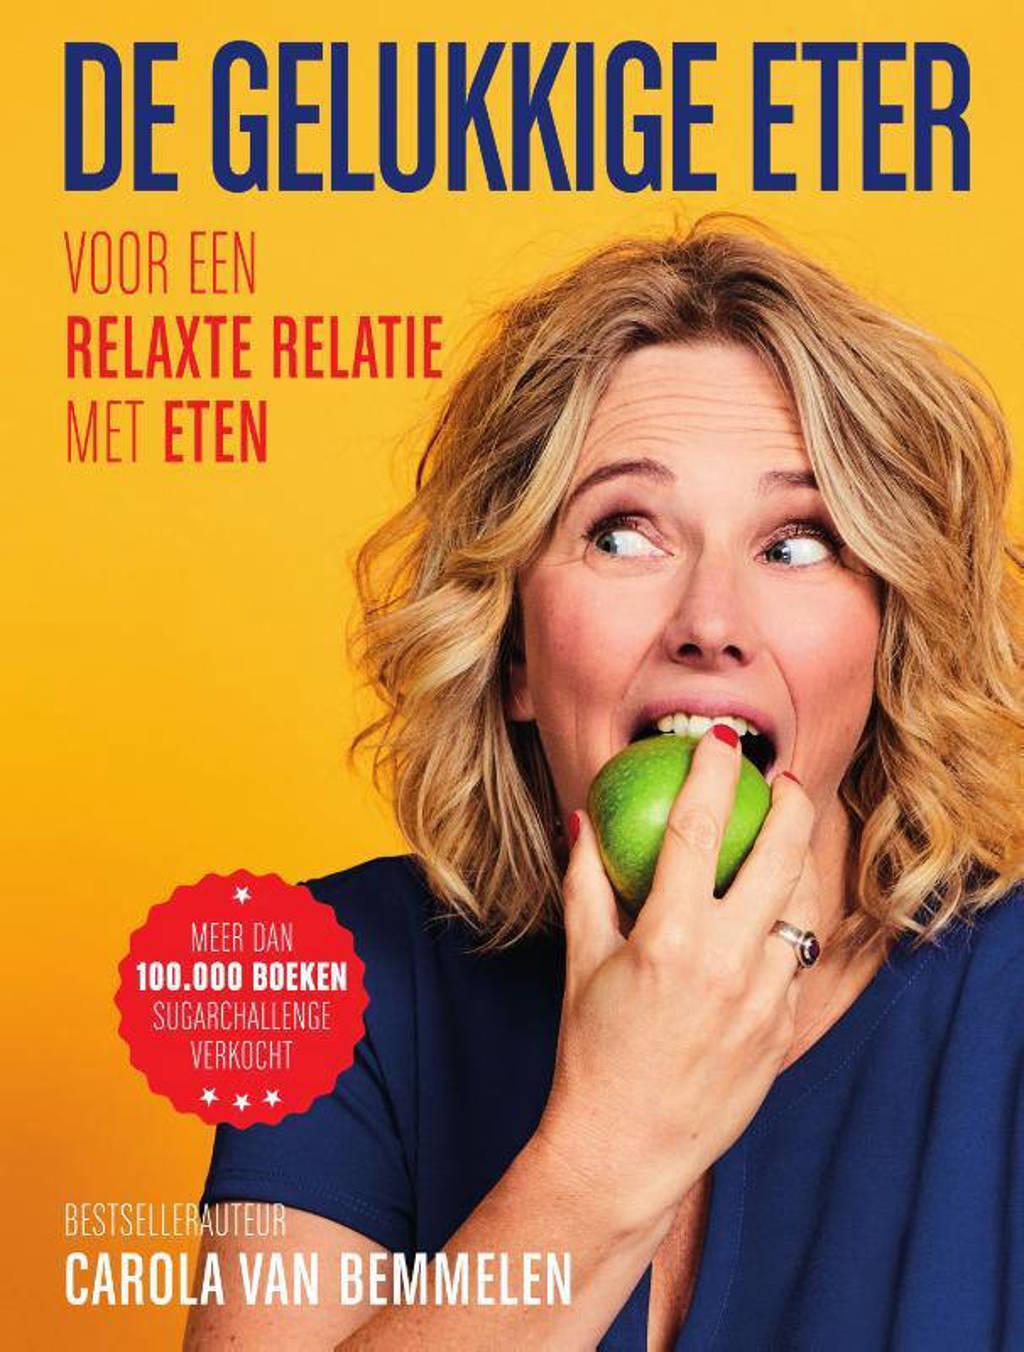 De gelukkige eter - Carola van Bemmelen